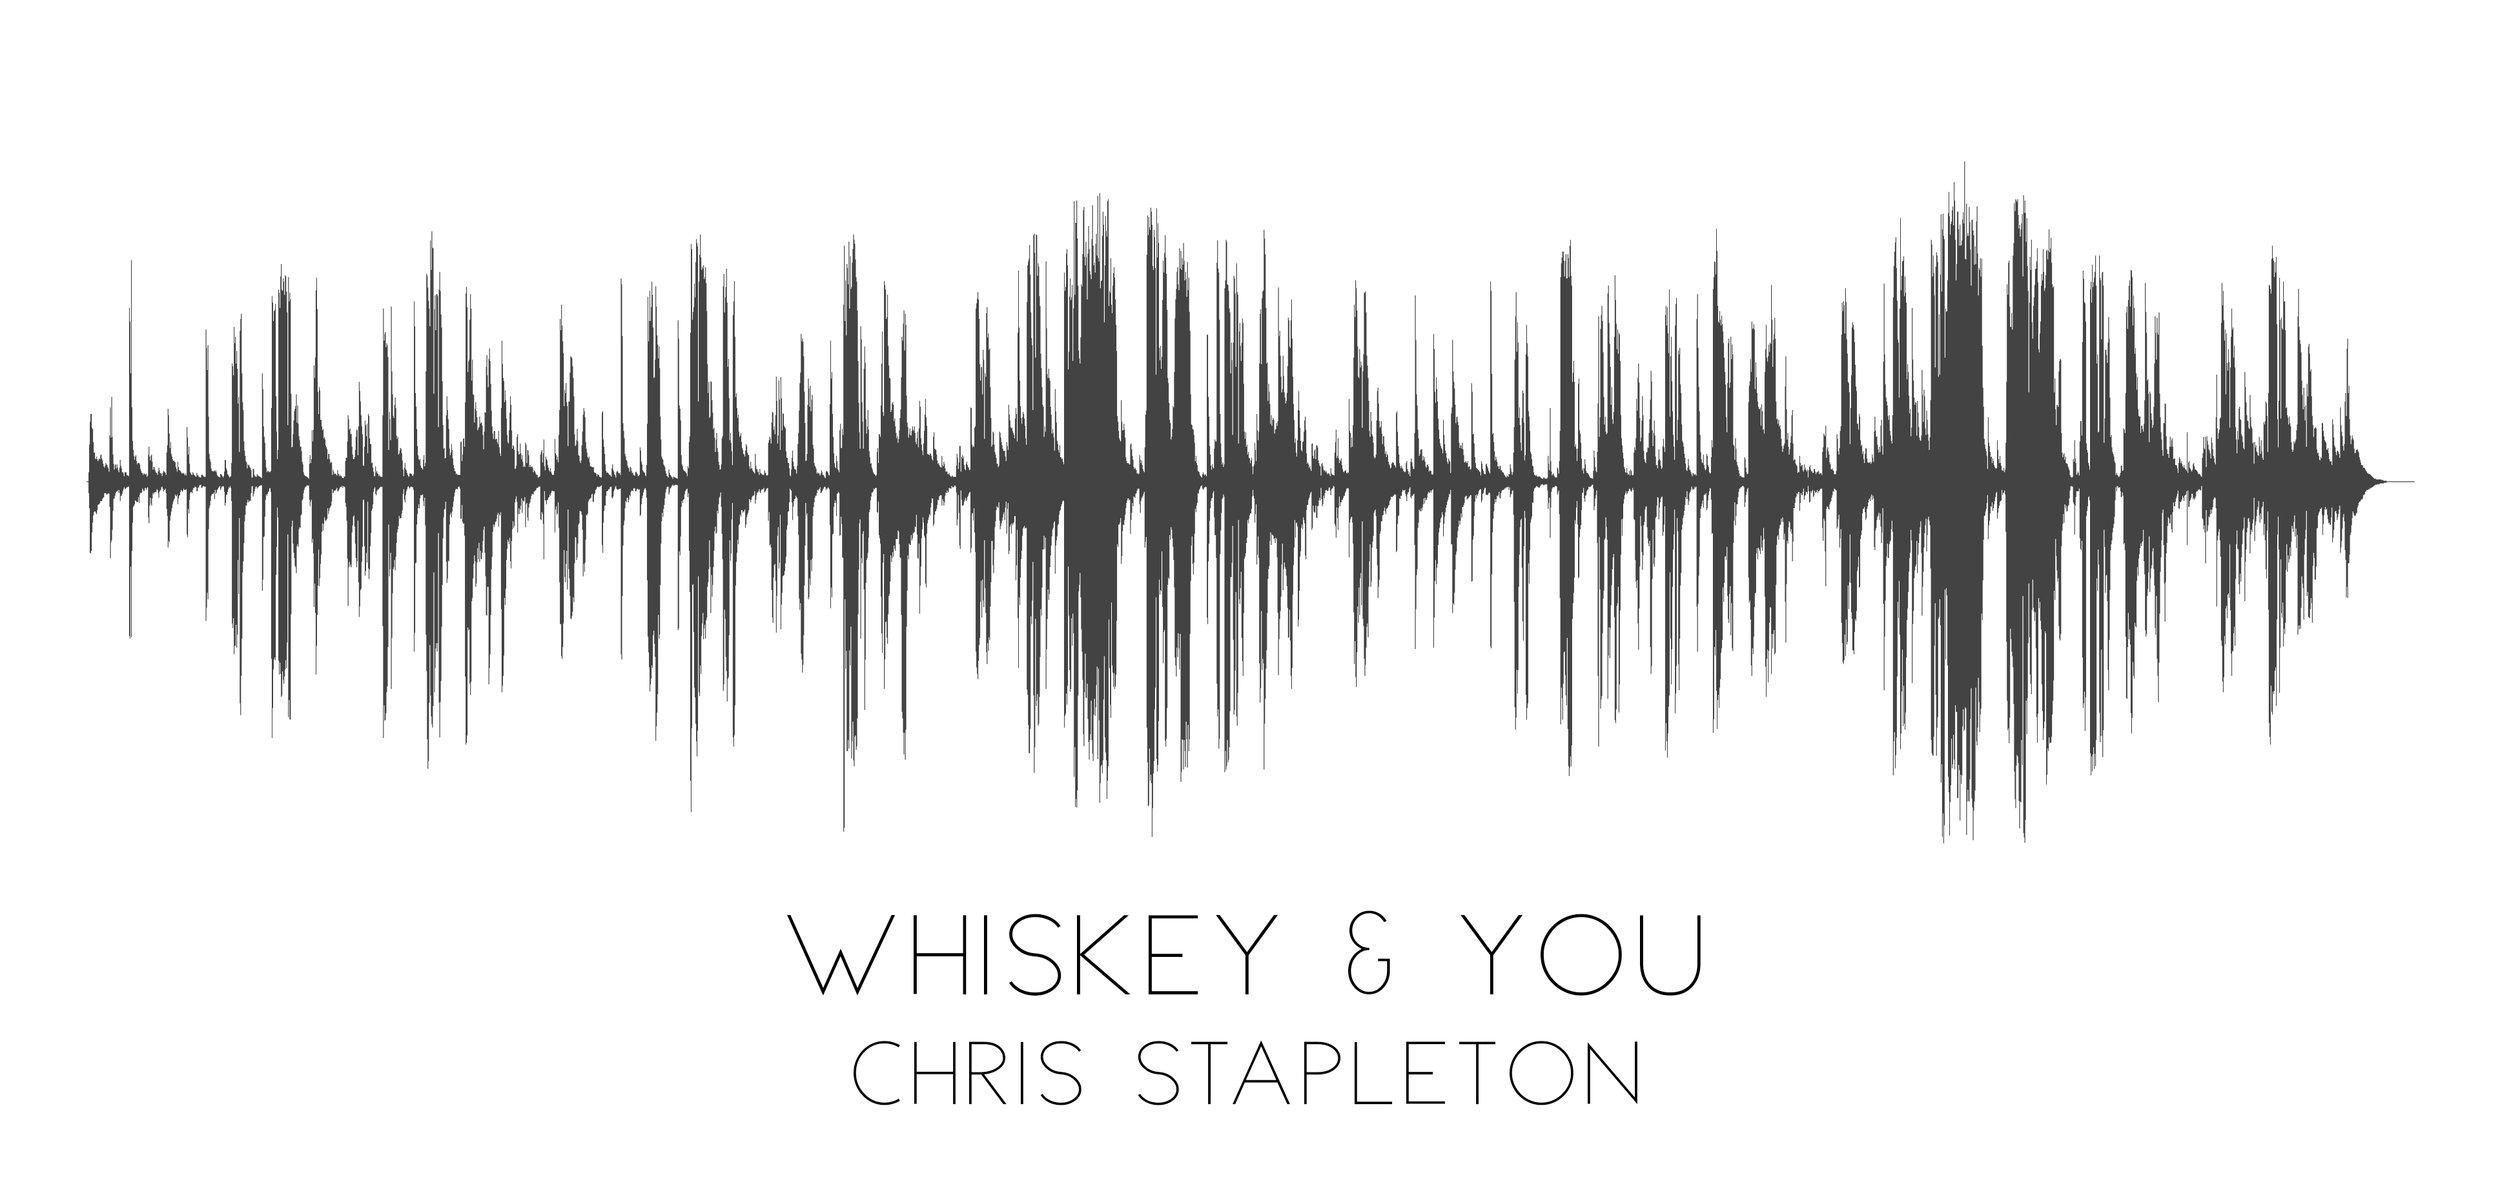 Chris Stapleton - Whiskey & You.jpg